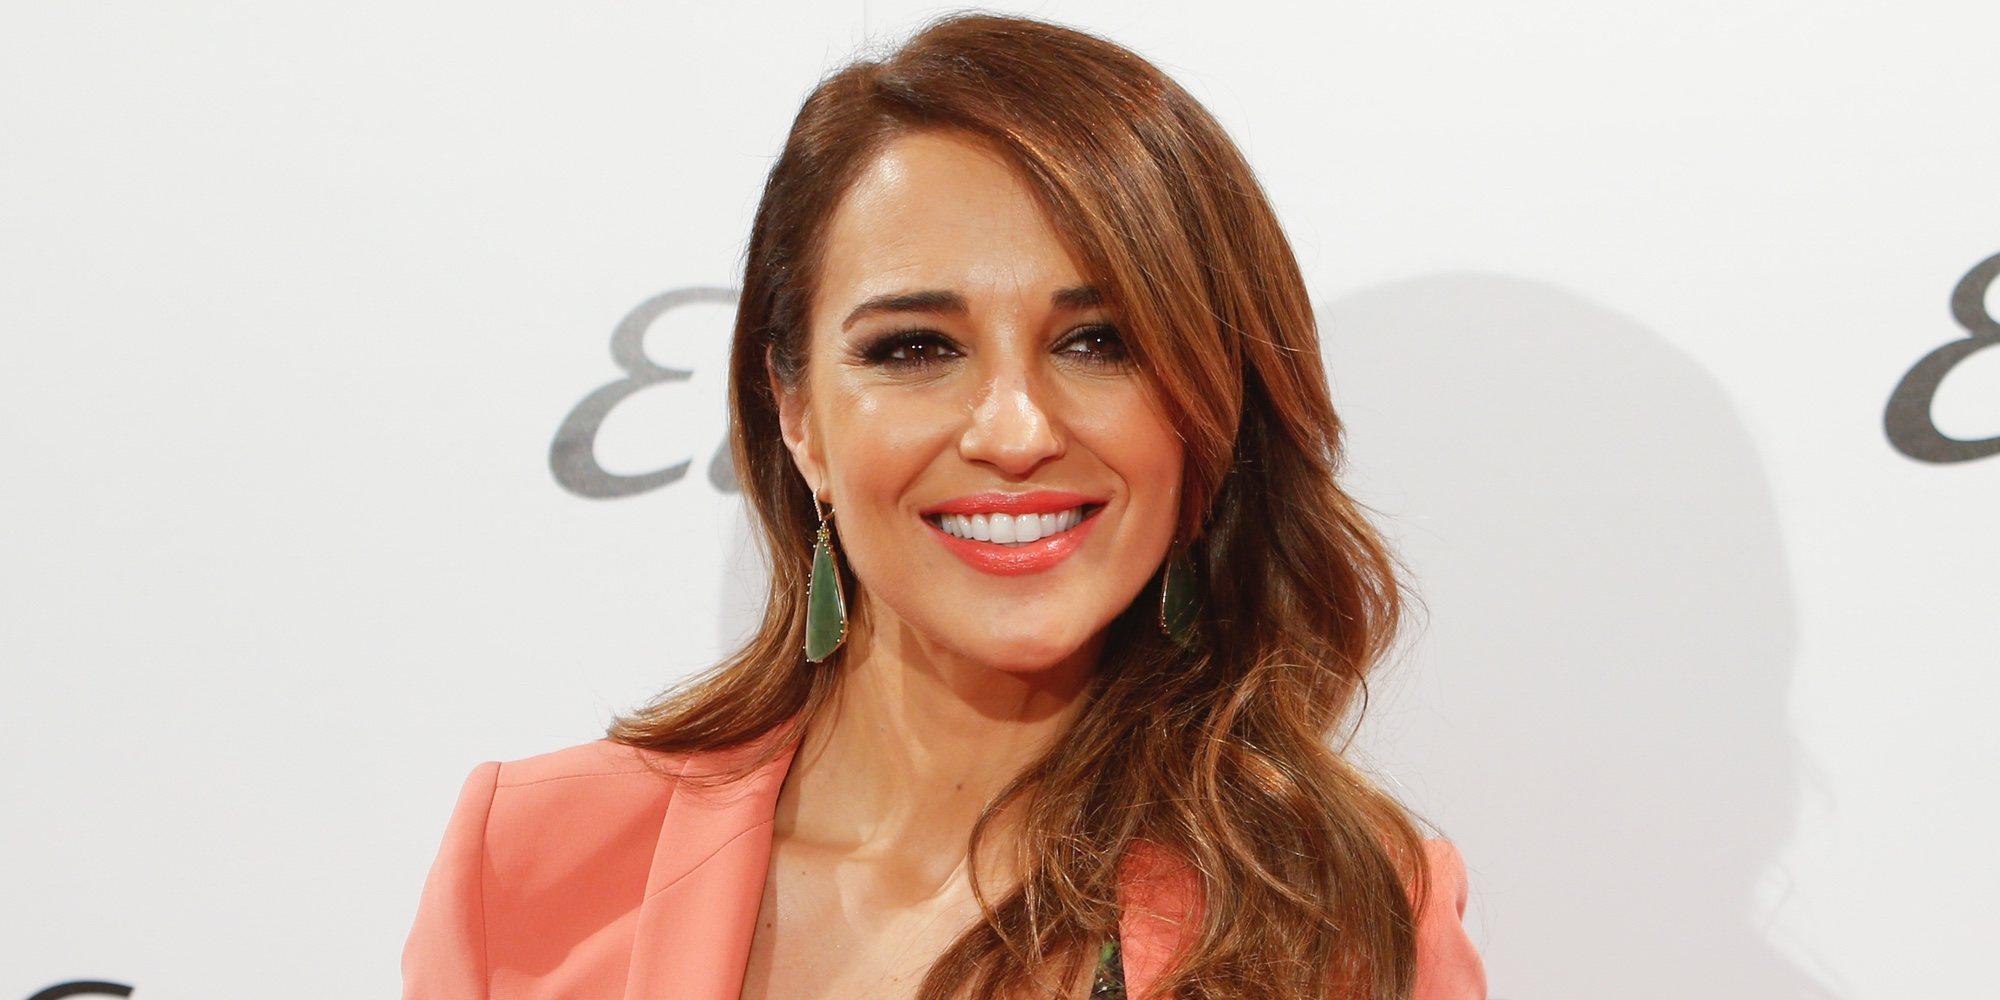 """Las primeras declaraciones de Paula Echevarría tras su divorcio: """"Tengo muchos motivos para sonreír"""""""